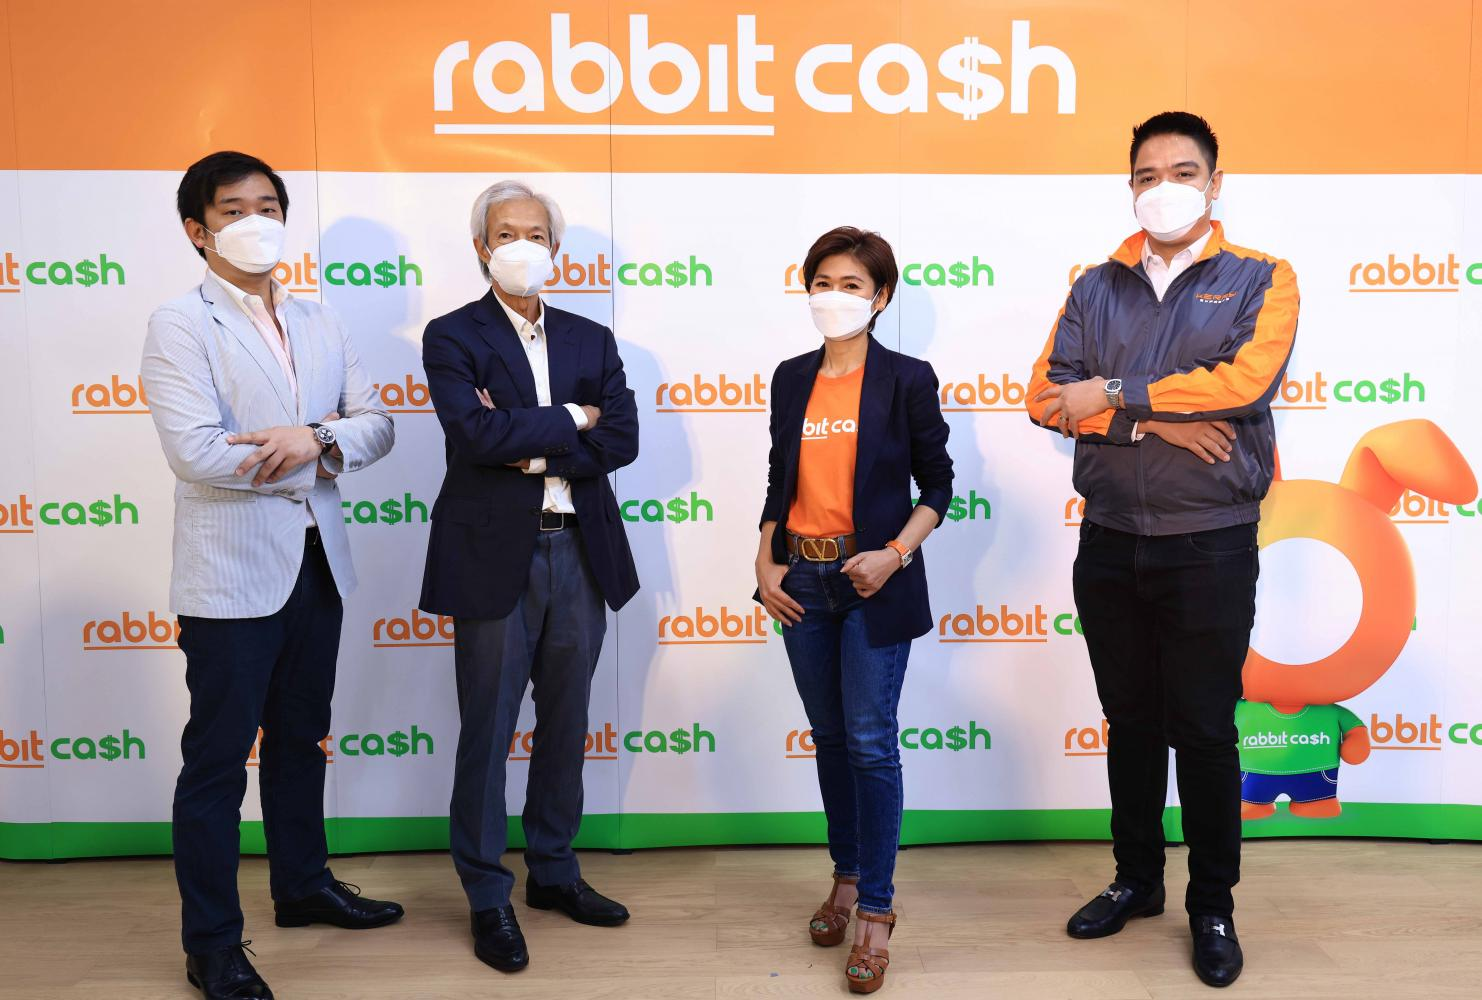 Rabbit Cash launches digital lending services